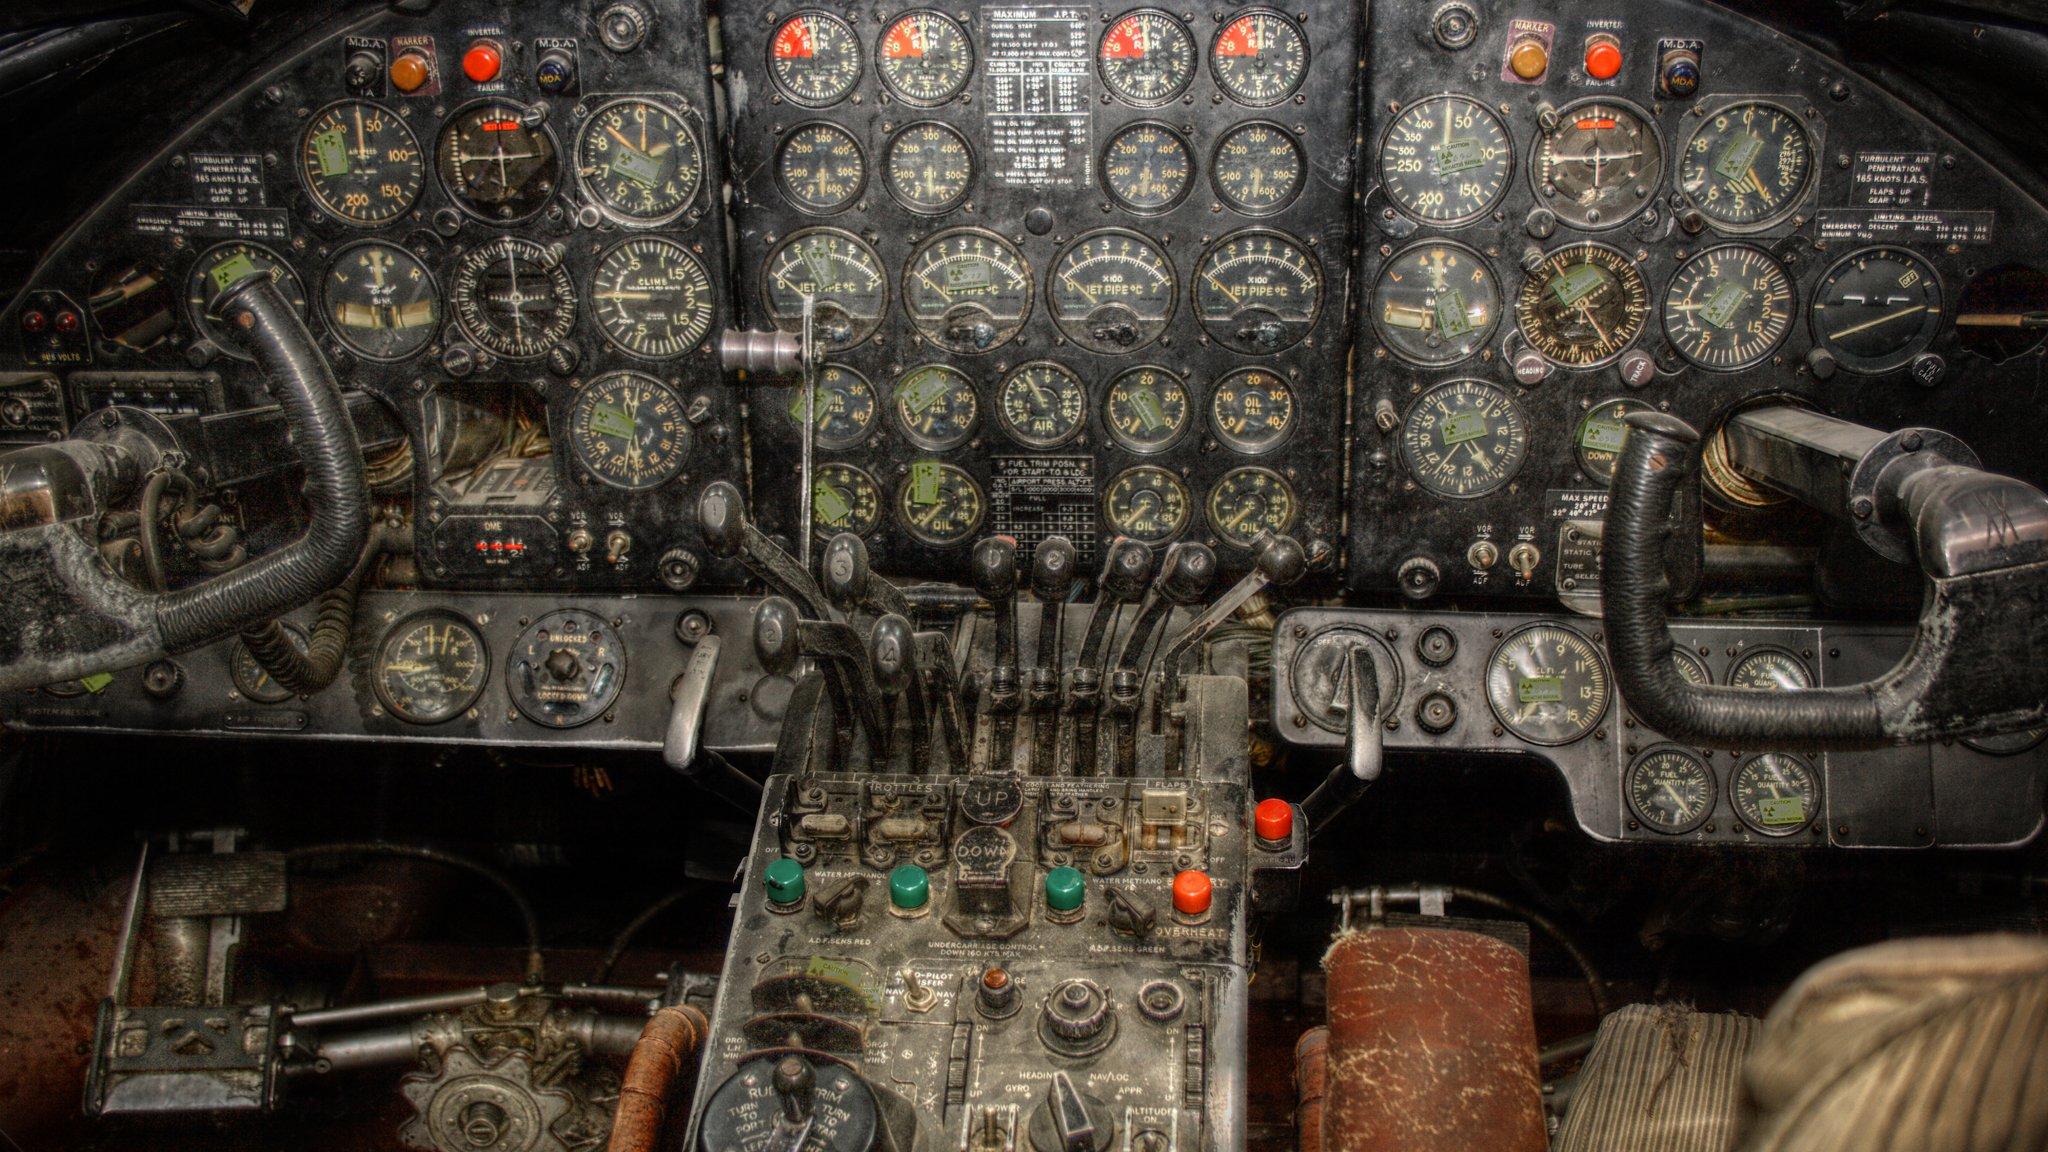 Aircraft Cockpit Aviation Wallpaper 2048x1152 319559 Wallpaperup